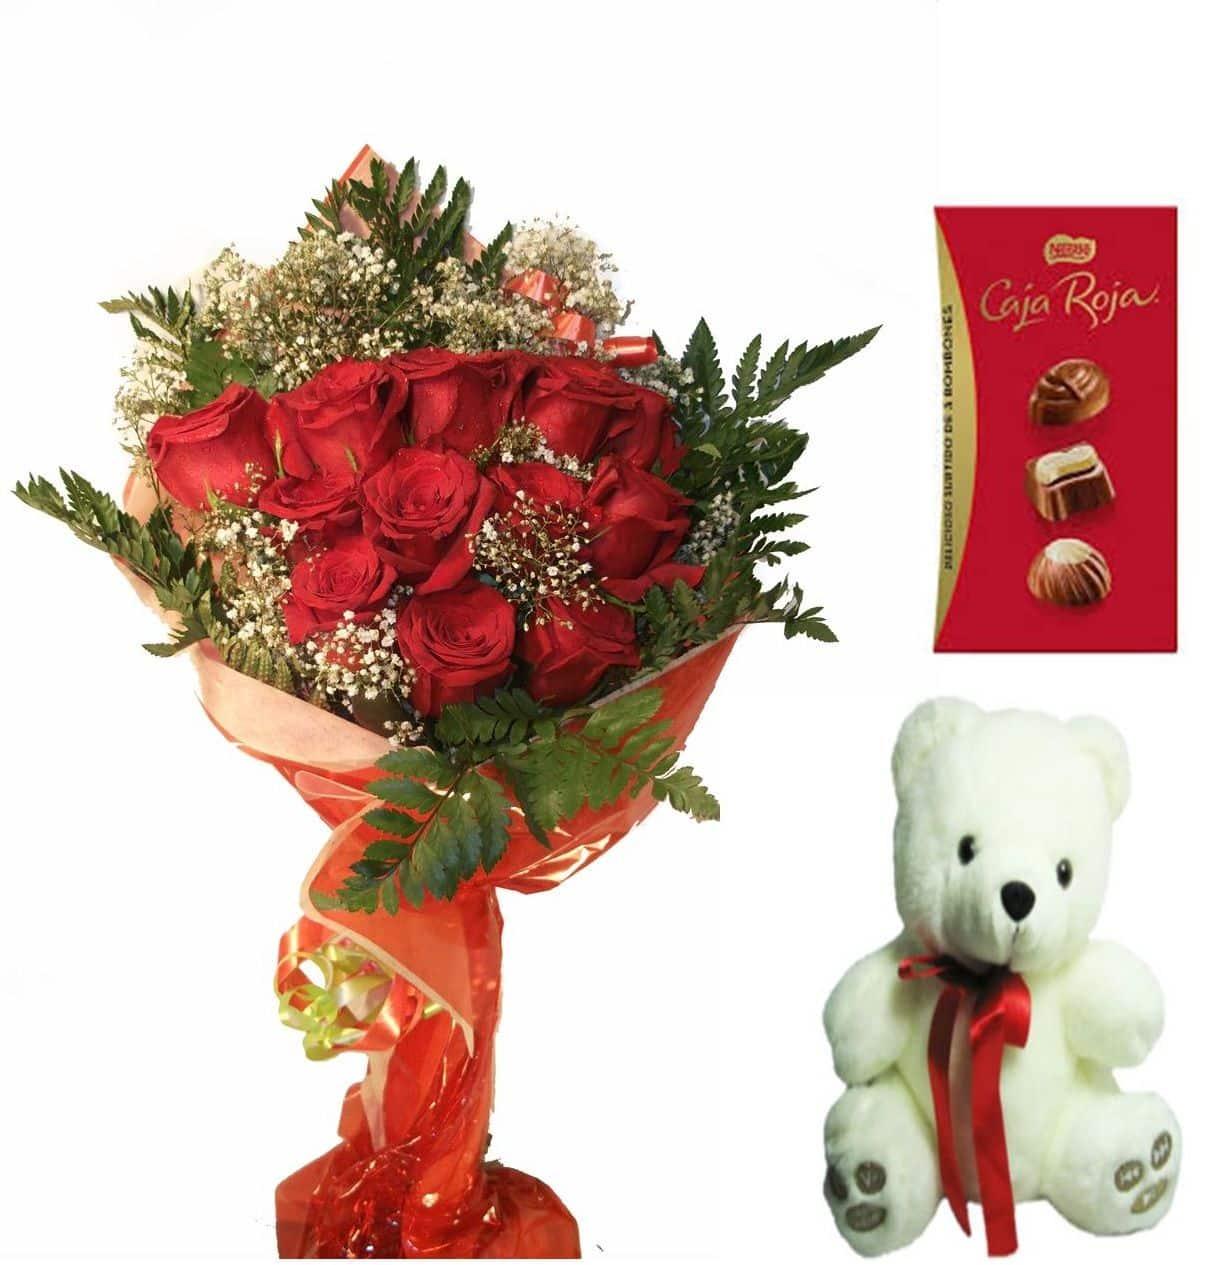 Envio de doce rosas a domicilio con bombones y peluche